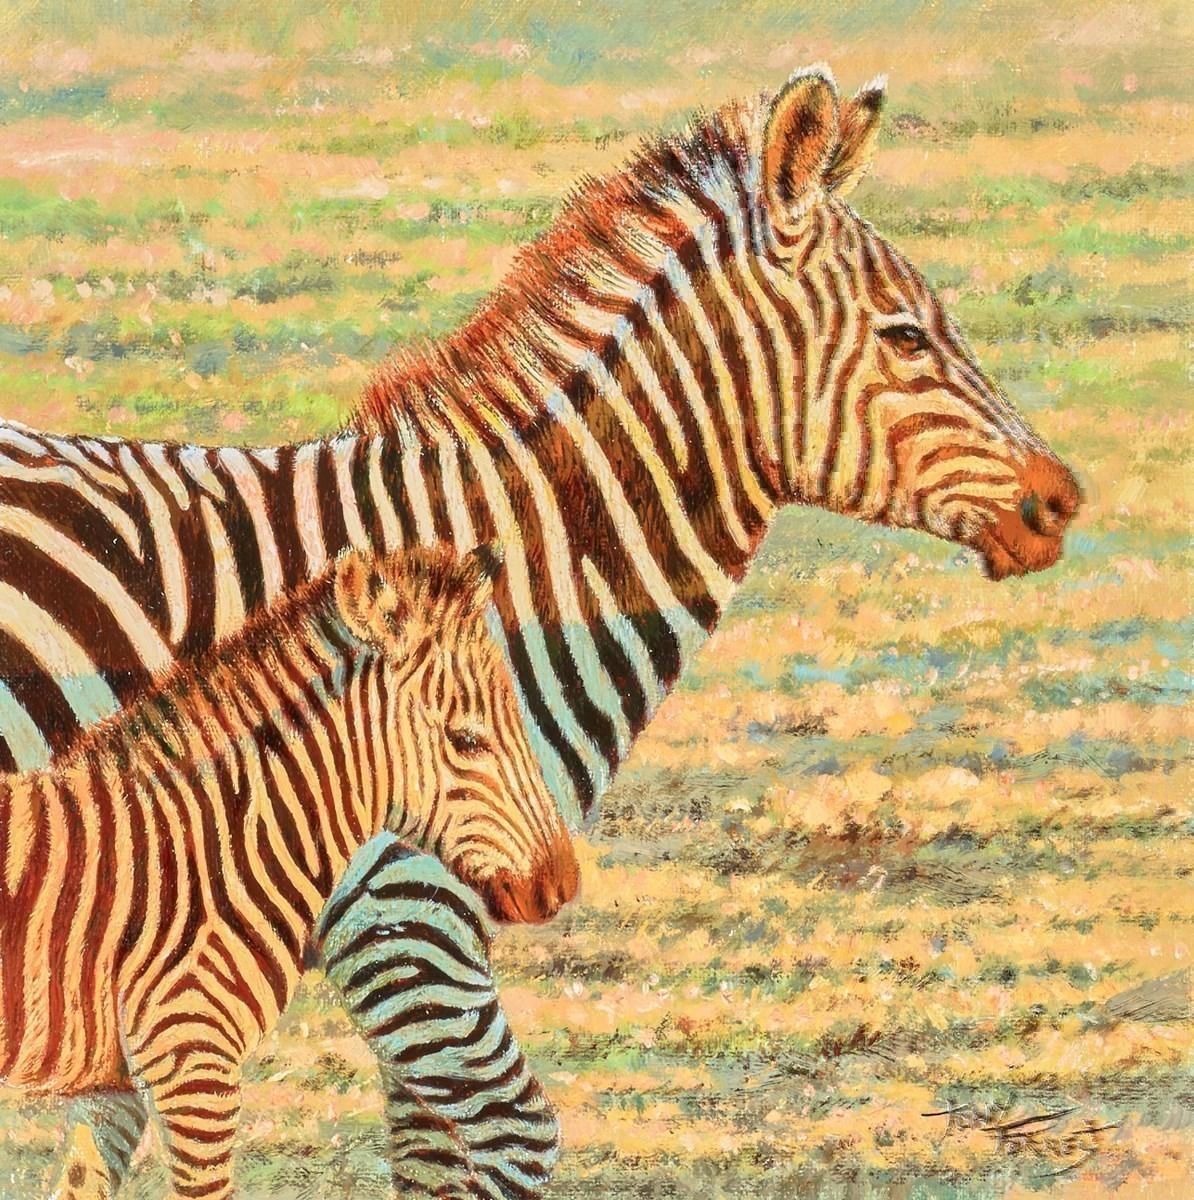 Burchells Zebra, Maasai Mara